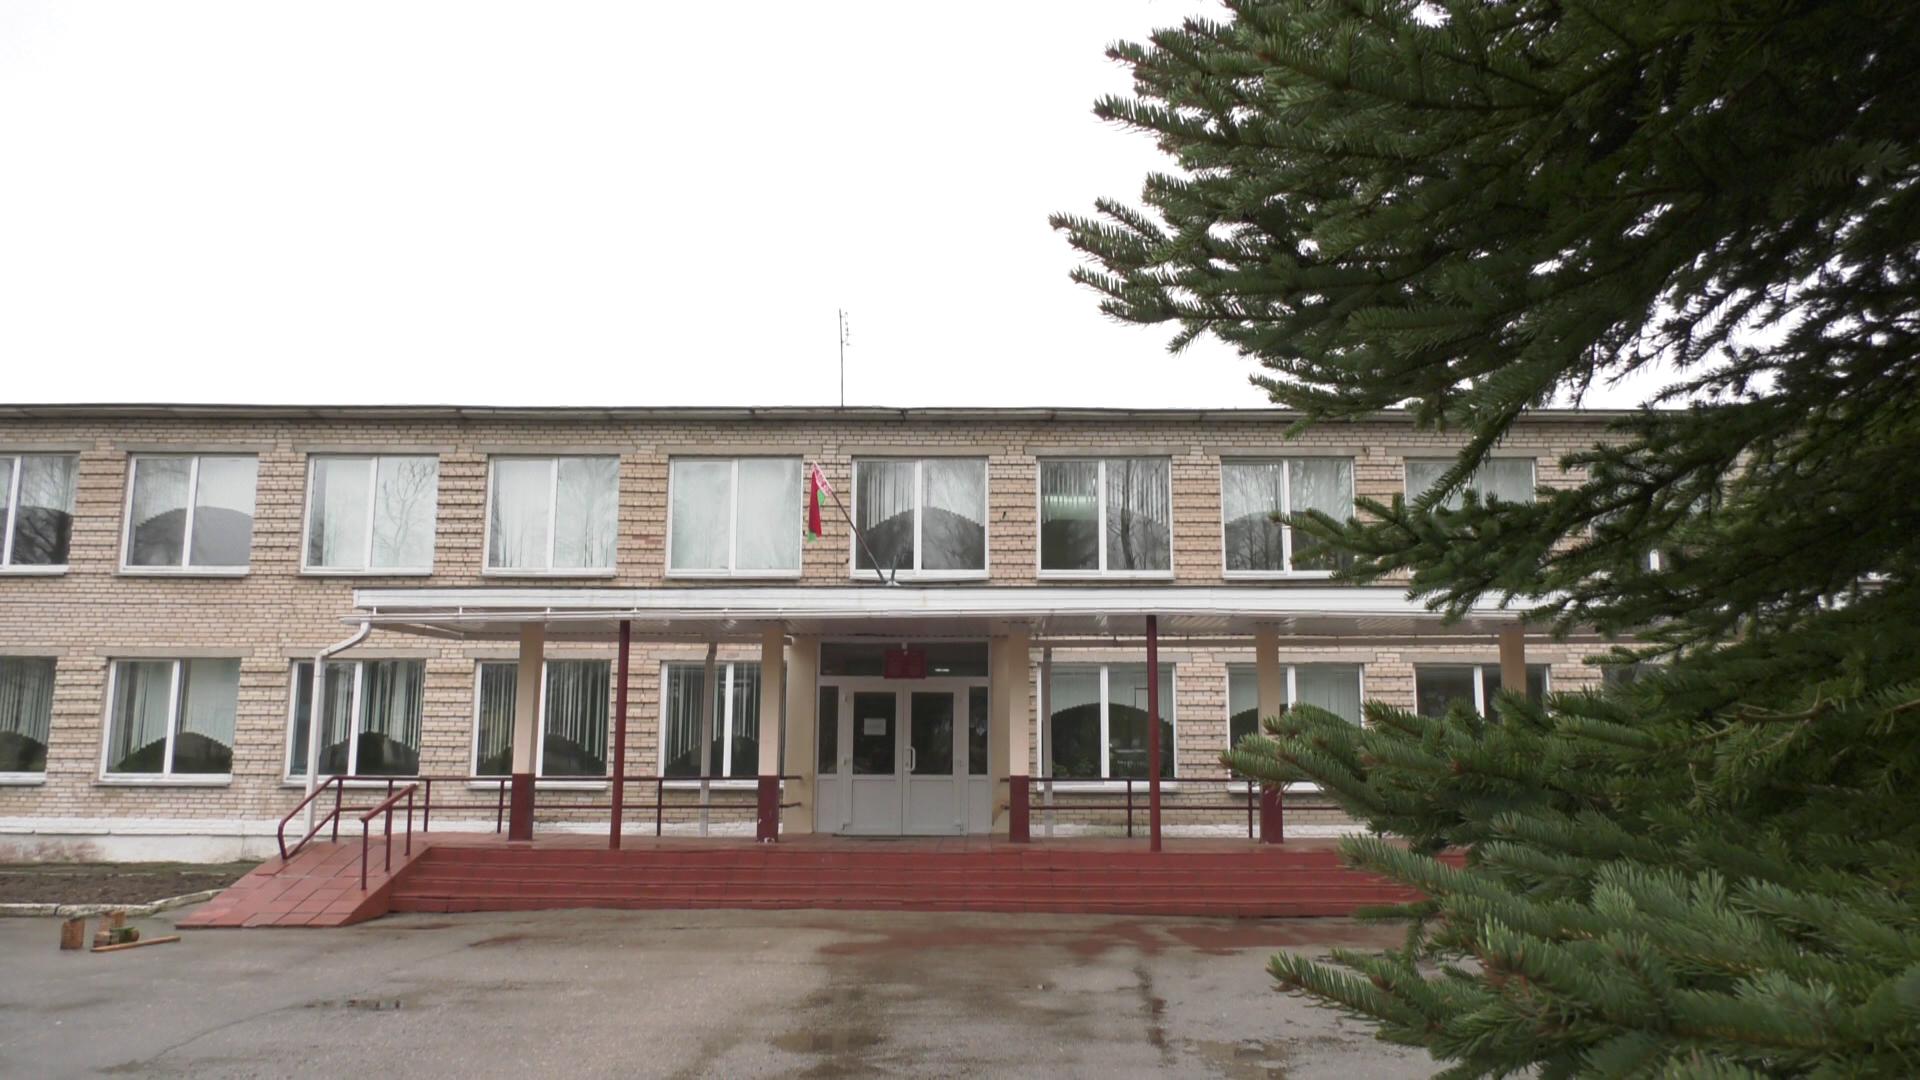 shkola - Жители агрогородка Будилово пытаются сохранить школу для детей (видео)